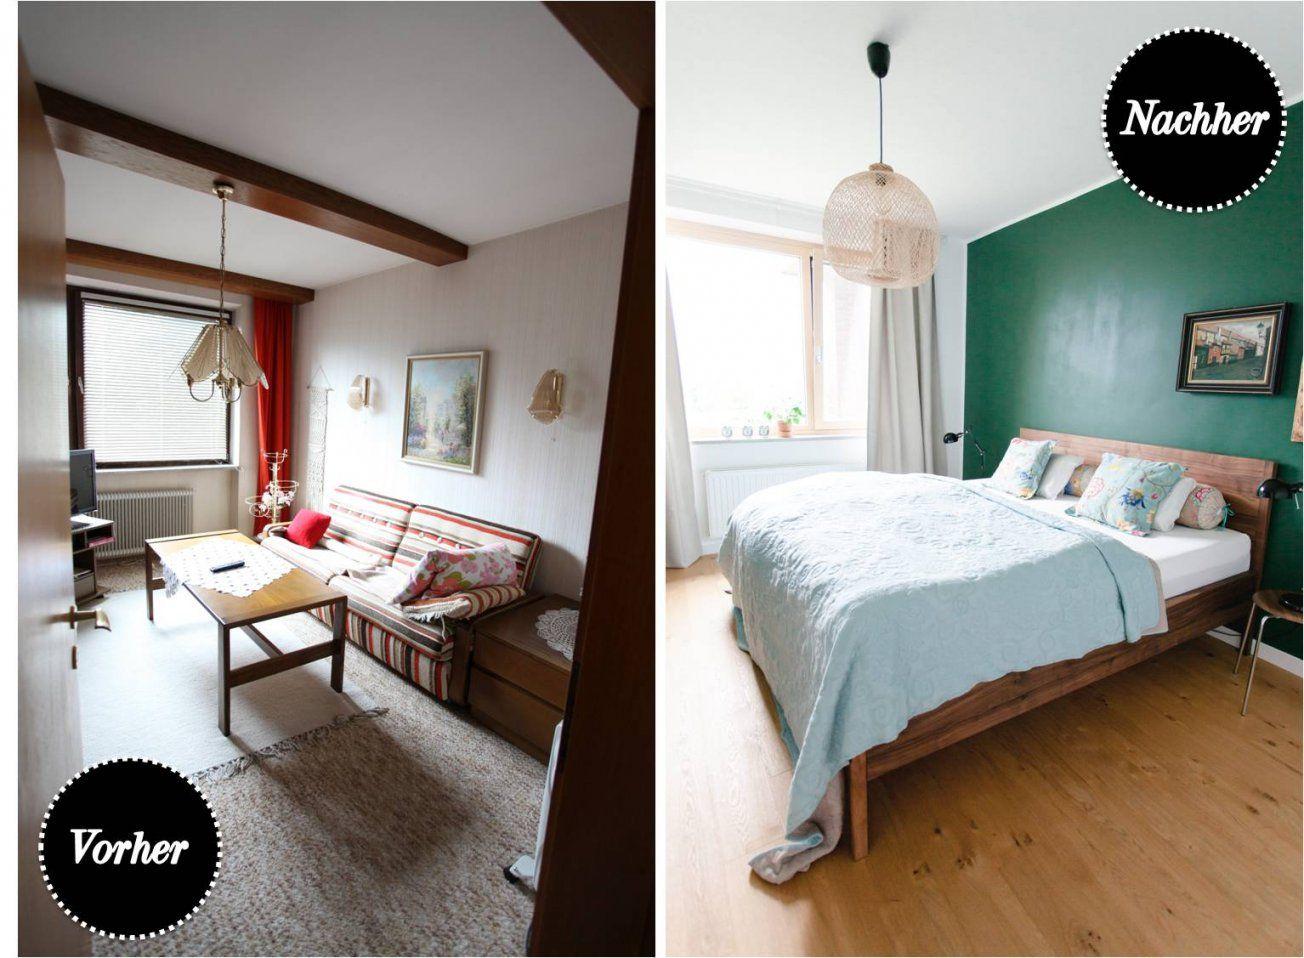 Schlafzimmer Renovieren Ideen Bilder Schlafzimmer Renovieren Ideen